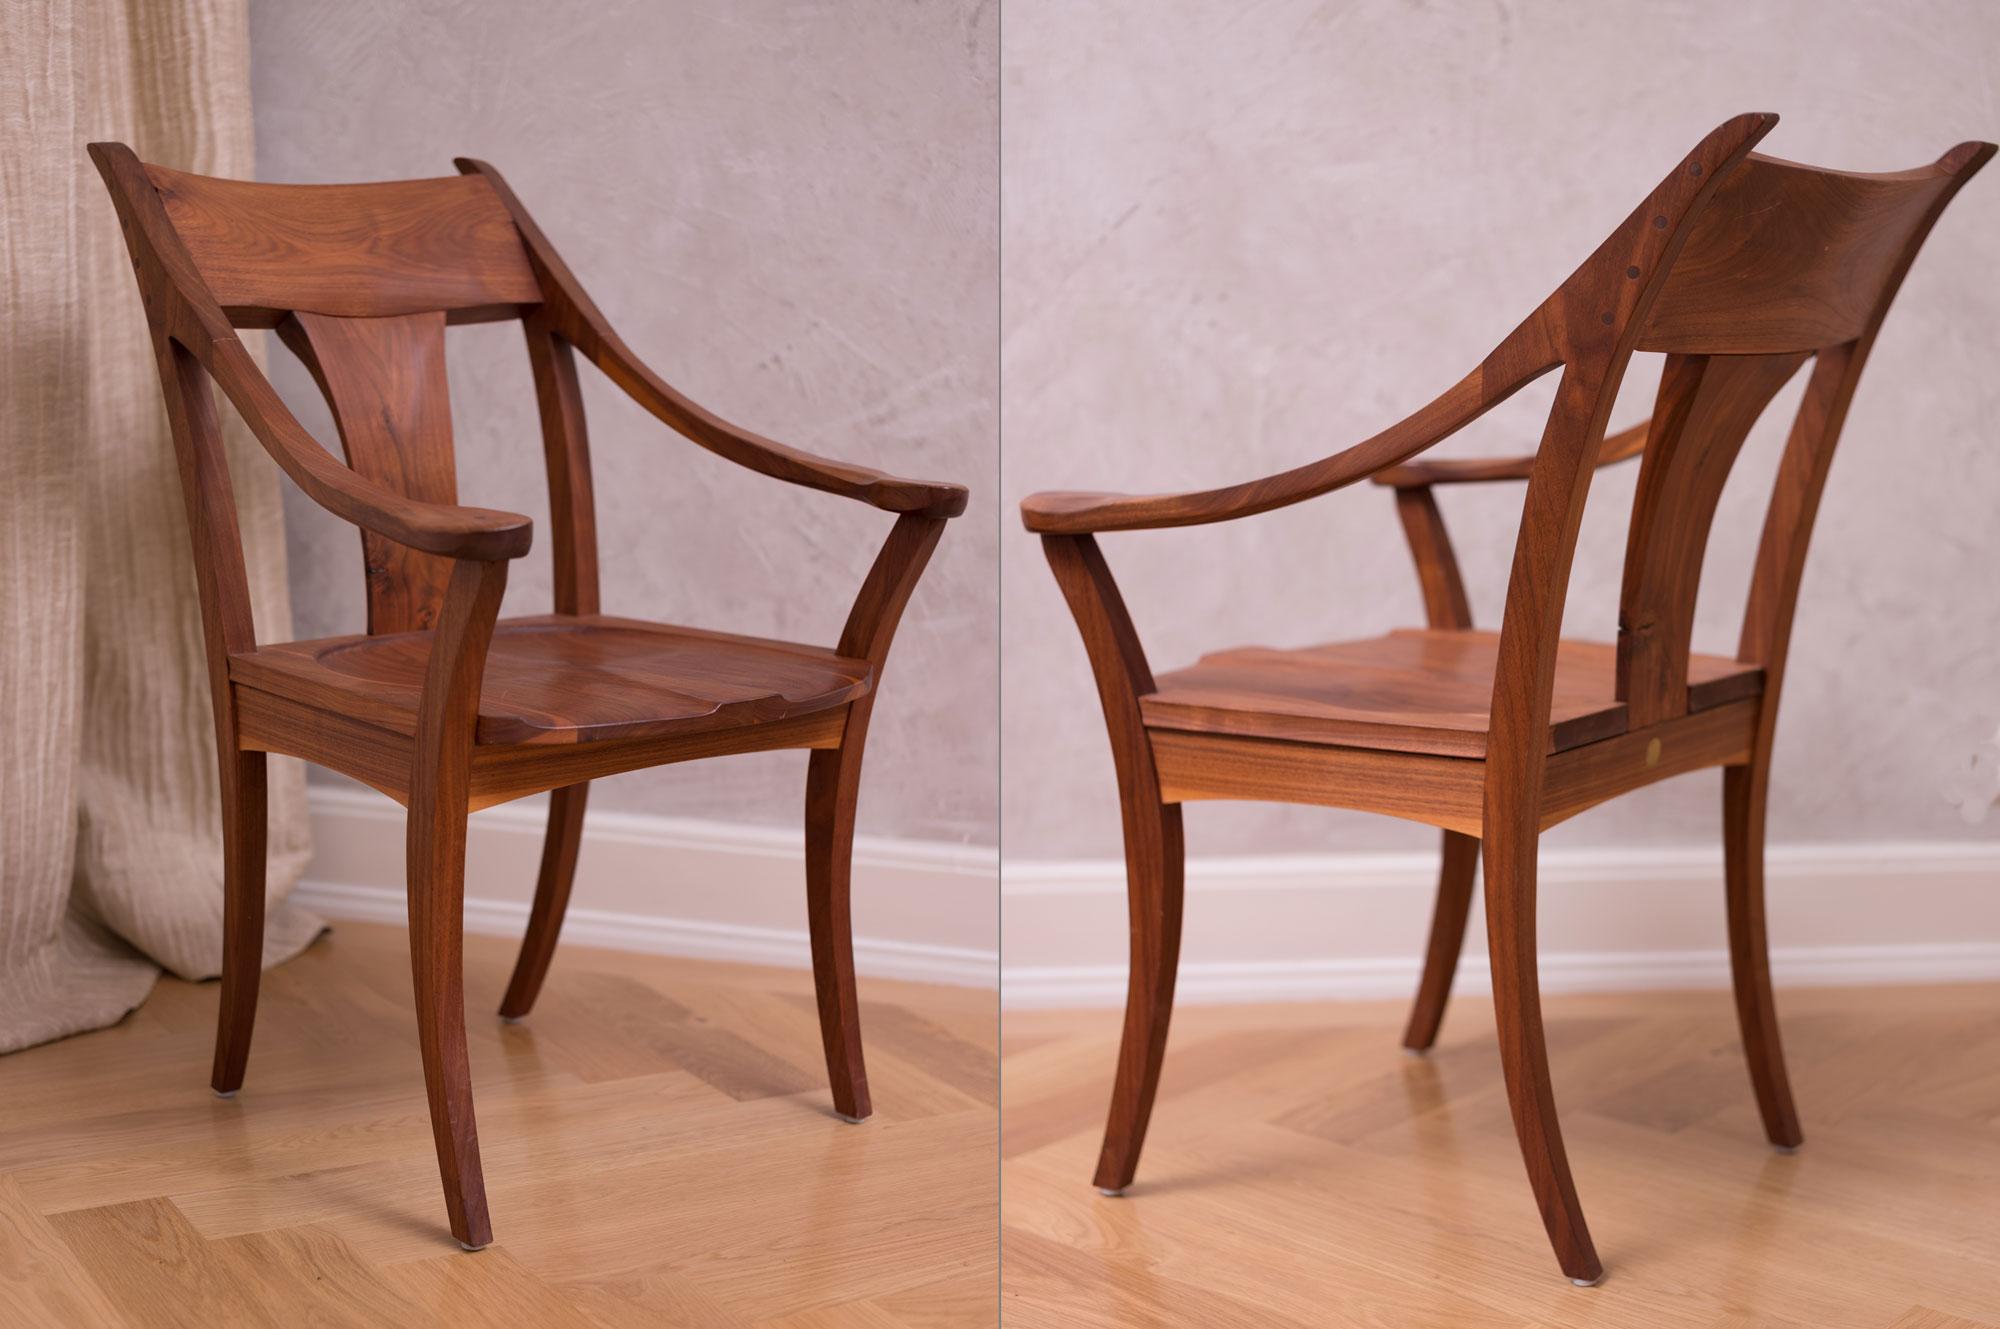 ... Antike Stühle Und Die Sessel Von Sam Maloof. Dieser Lehnsessel Entstand  Aus Der Freude An Der Geschwungenen Linie, Der Begeisterung Für Den  Übergang Der ...